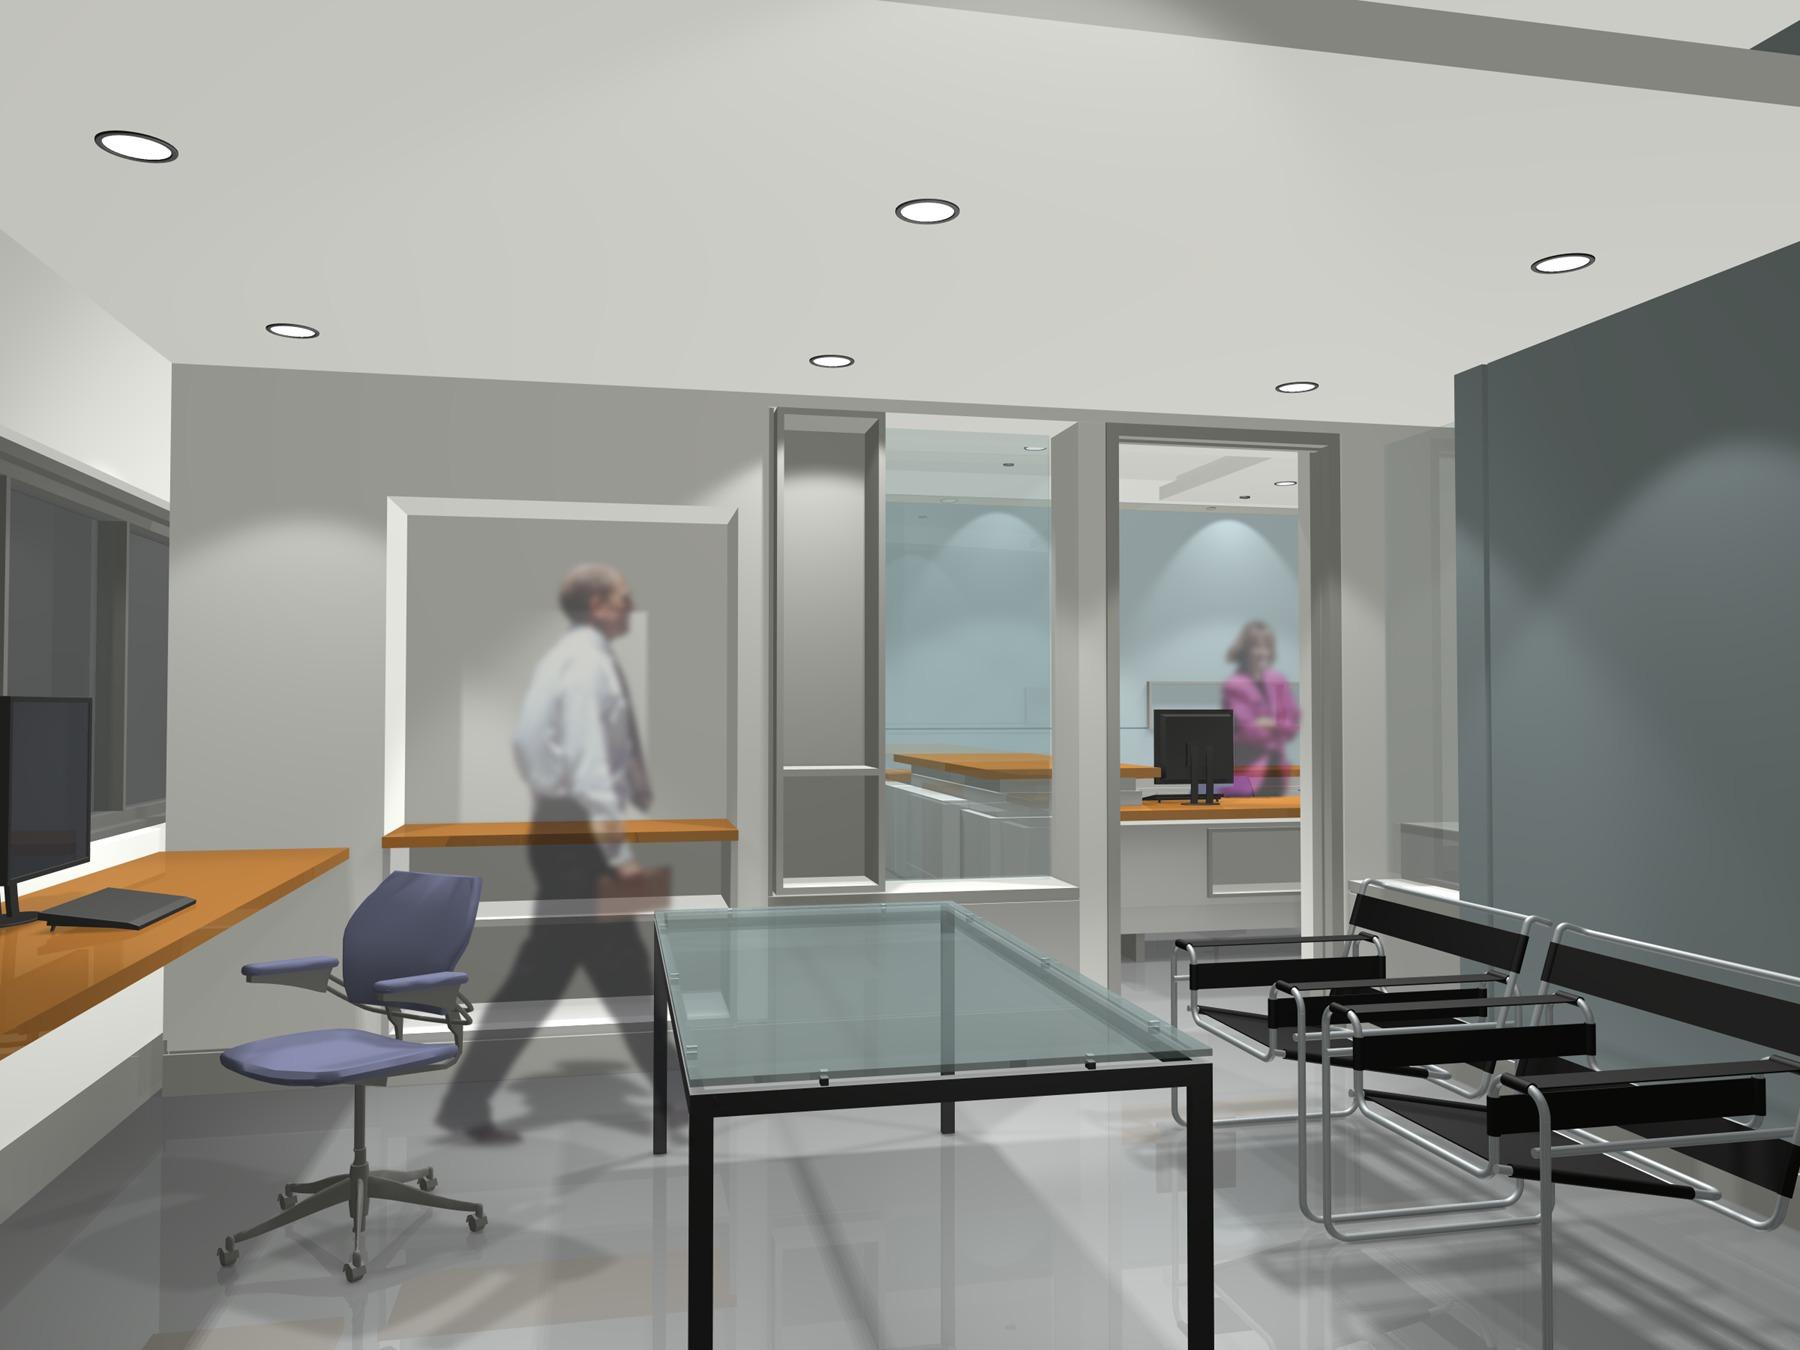 mmd_office1-office 1-1-p1c7jlvhu05t23ba19d916411qpo.jpg